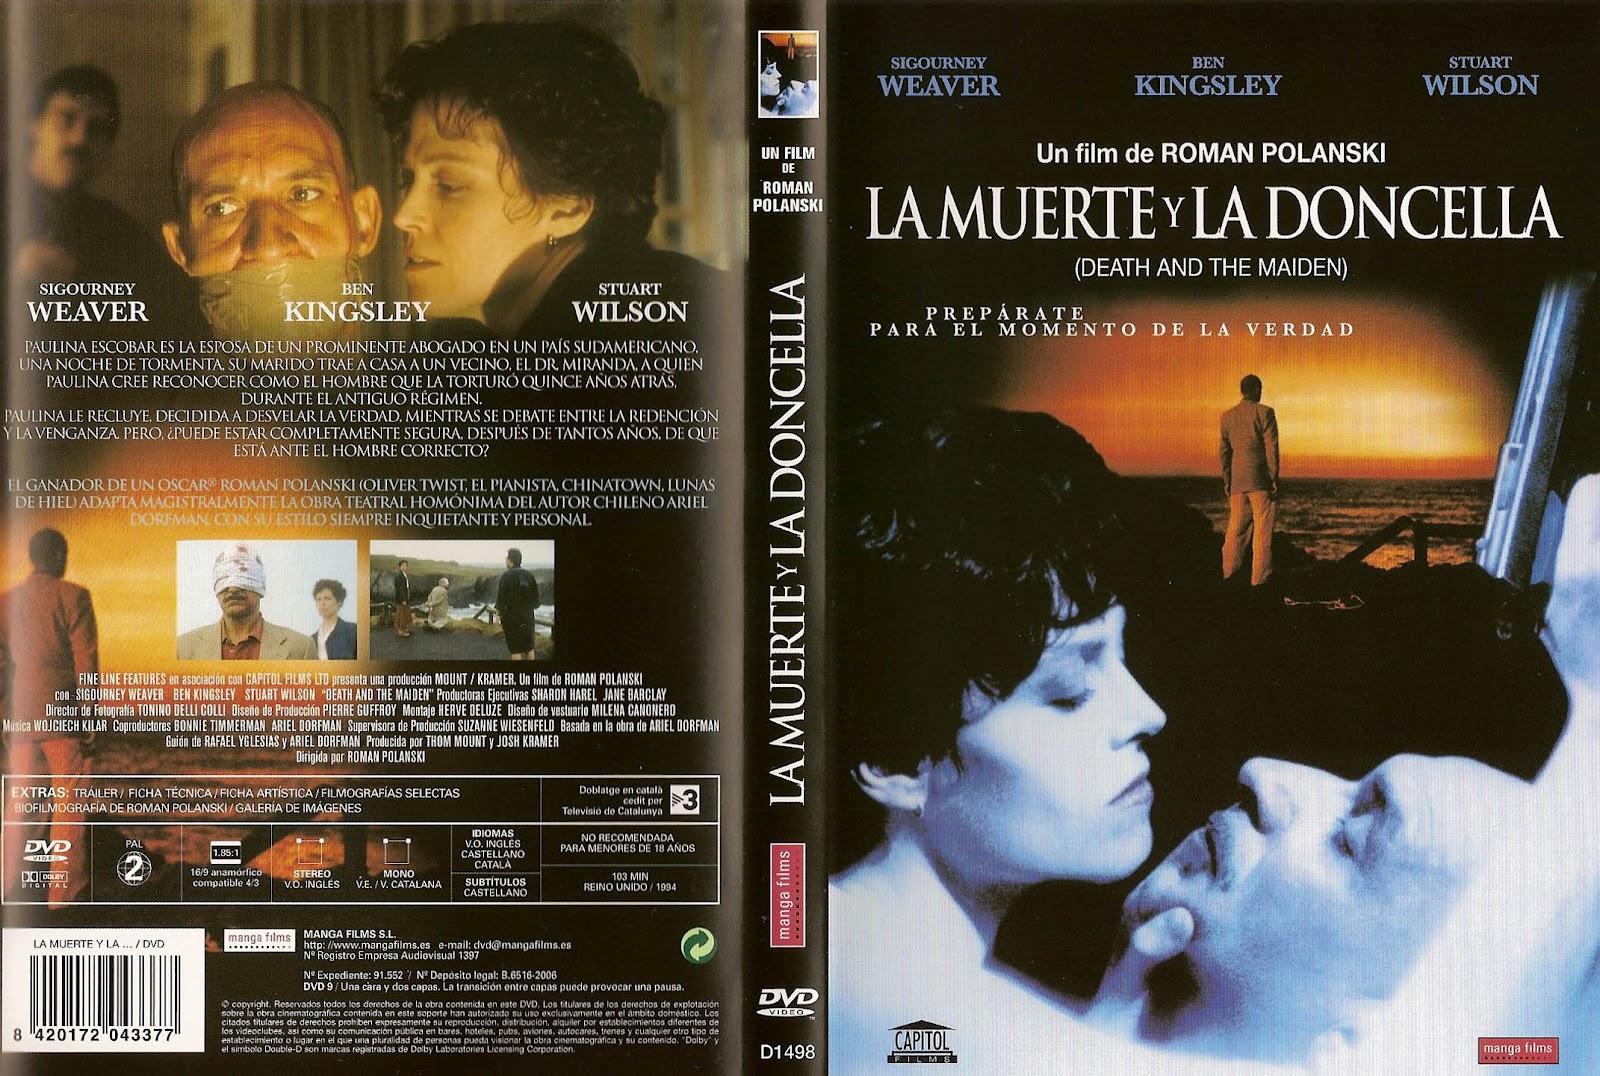 http://3.bp.blogspot.com/-YrblB0KWp1U/UDzcGDF7wHI/AAAAAAAAEuQ/JZViB25BloM/s1600/La_Muerte_Y_La_Doncella-Caratula.jpg